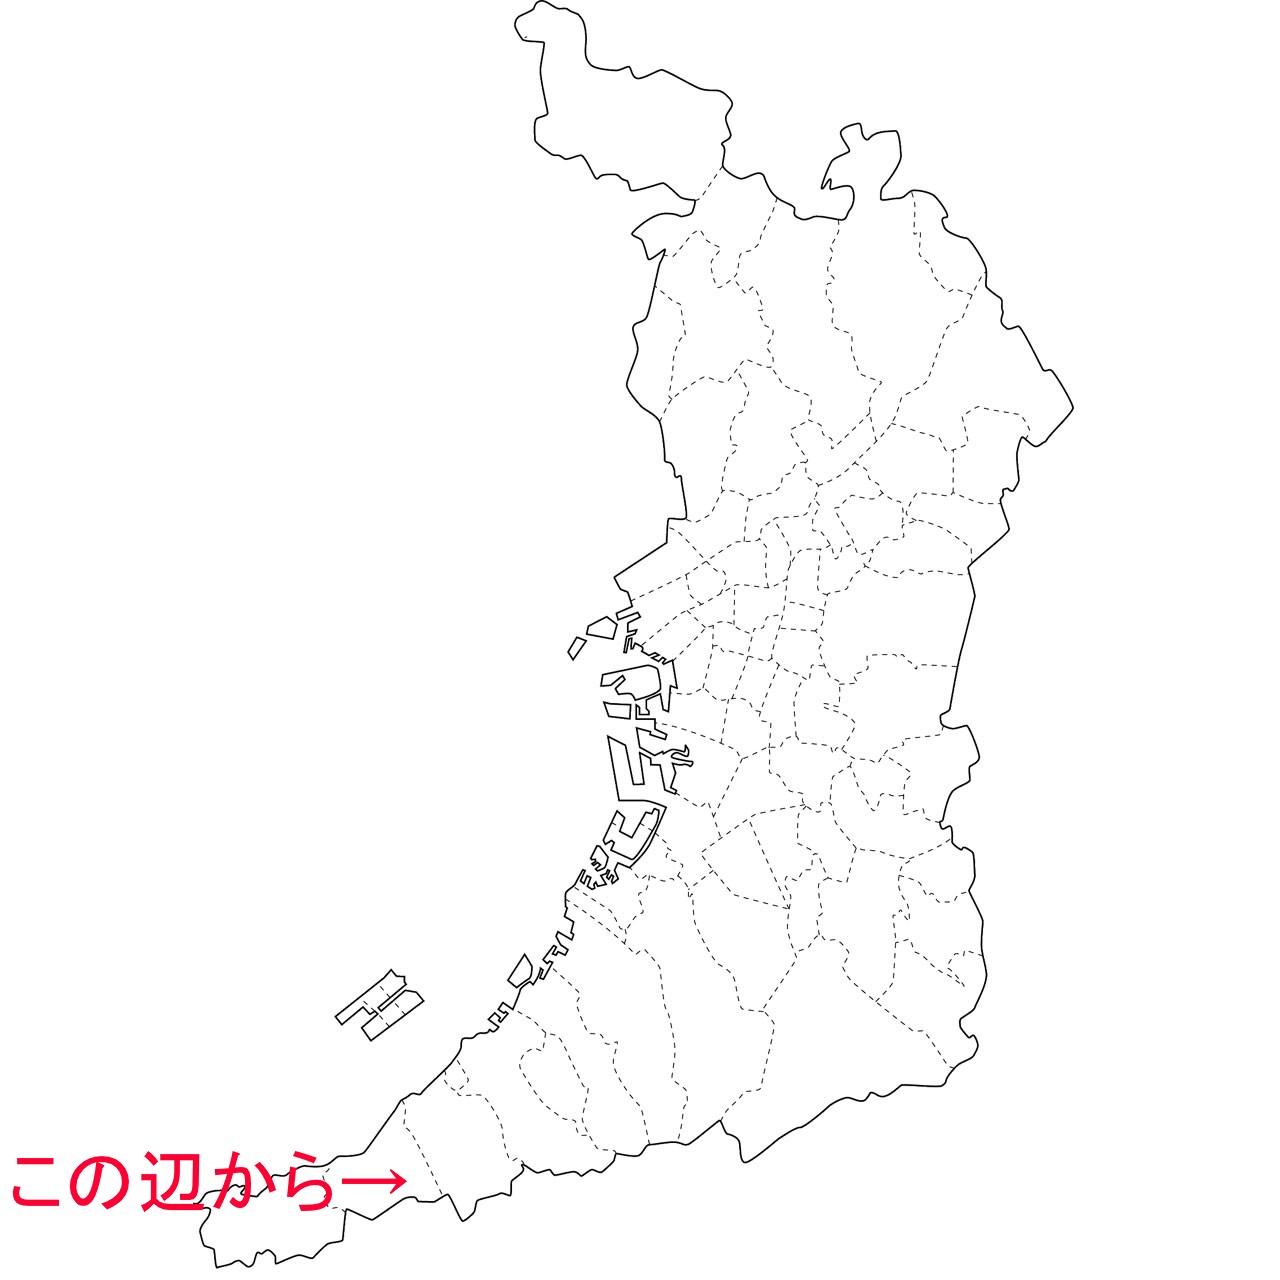 阪南市から箕面市までバスだけで行こうとして途中でやめた話_c0001670_23373315.jpg